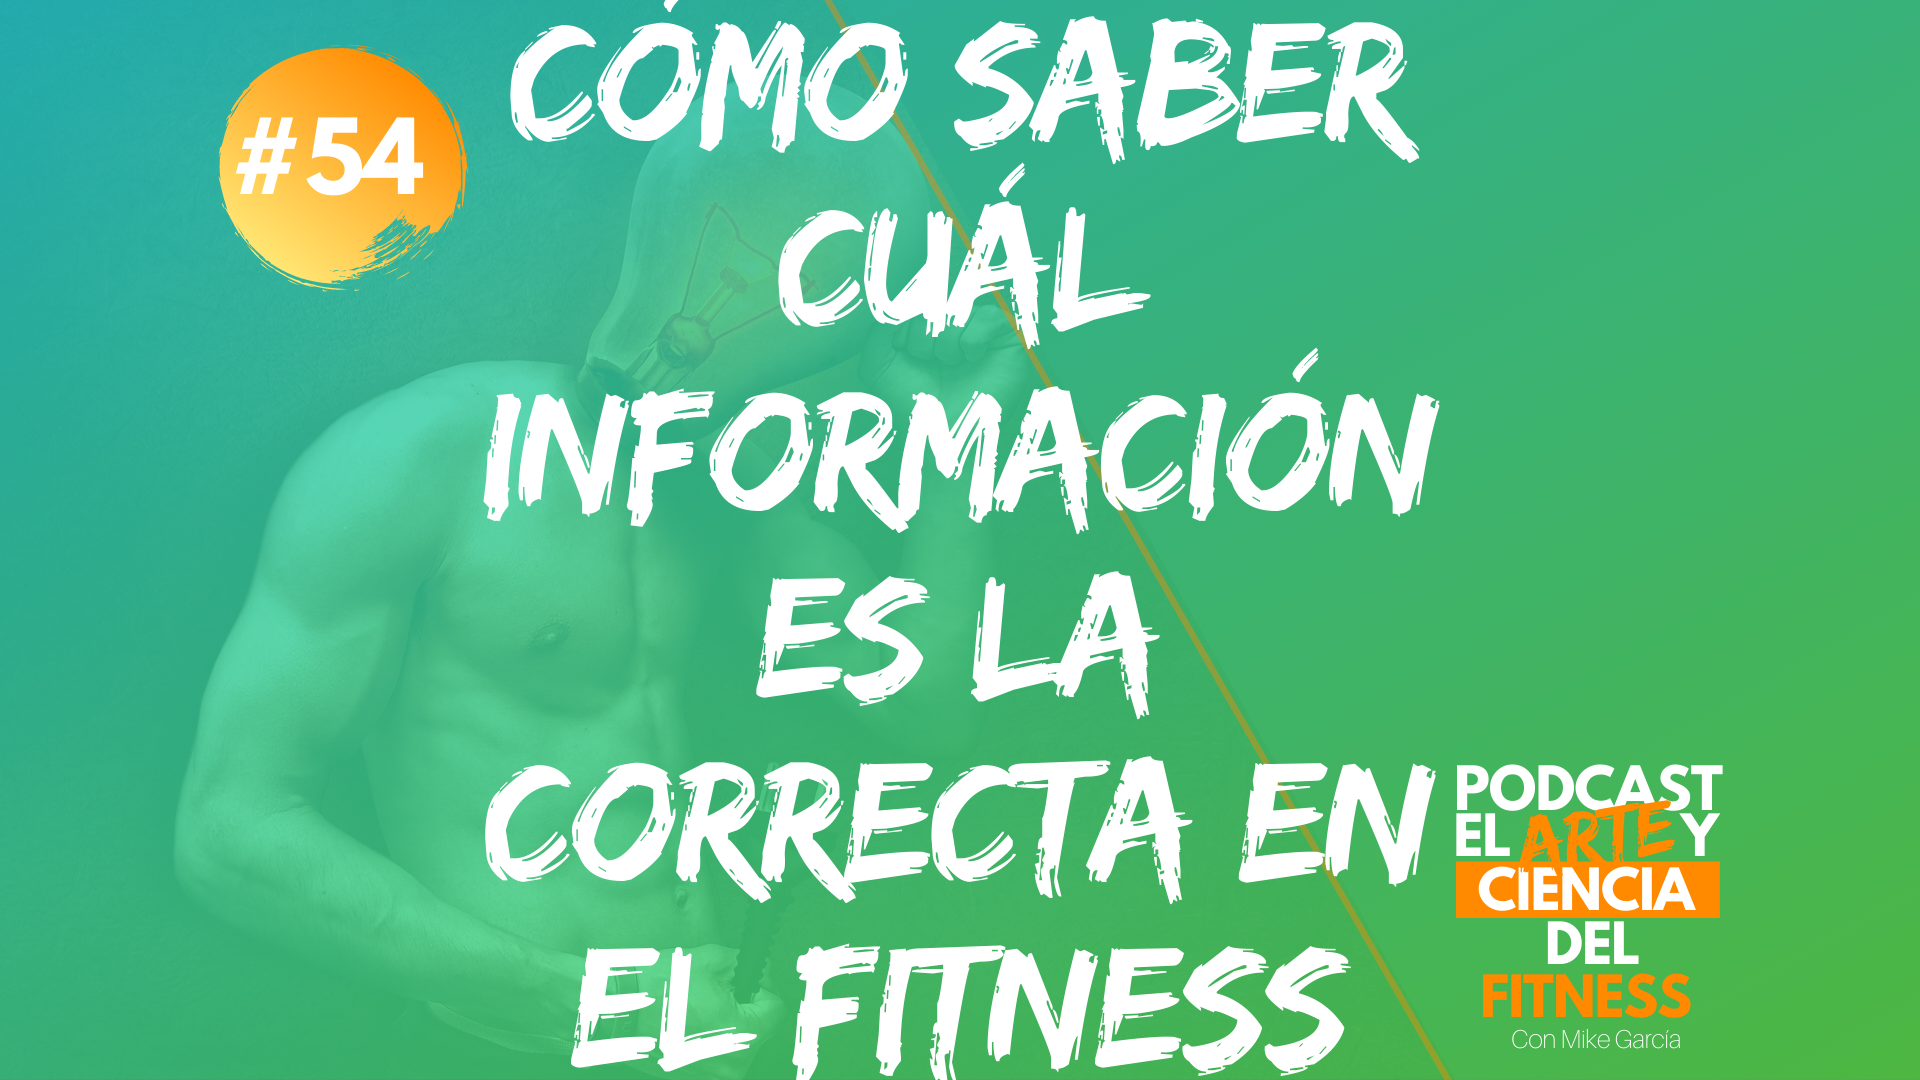 Podcast #54: Cómo Saber Cuál Información es la Correcta en el Fitness